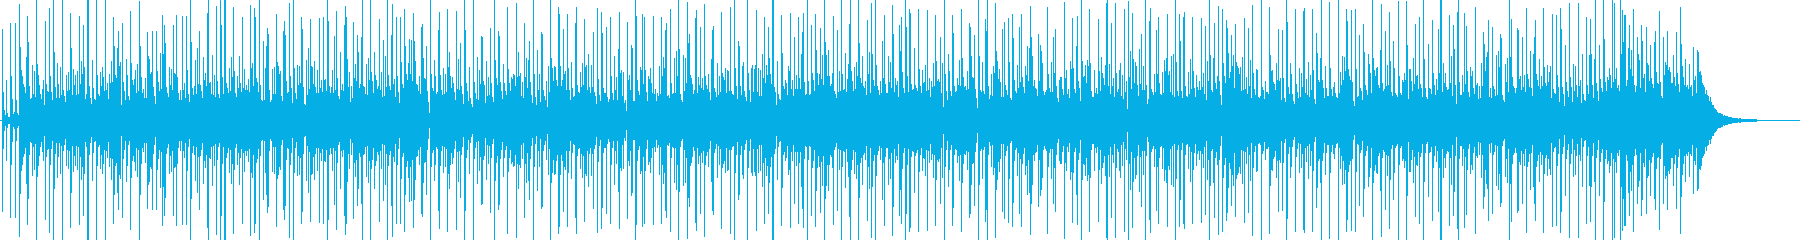 スラップベースがかっこいいファンキーの再生済みの波形